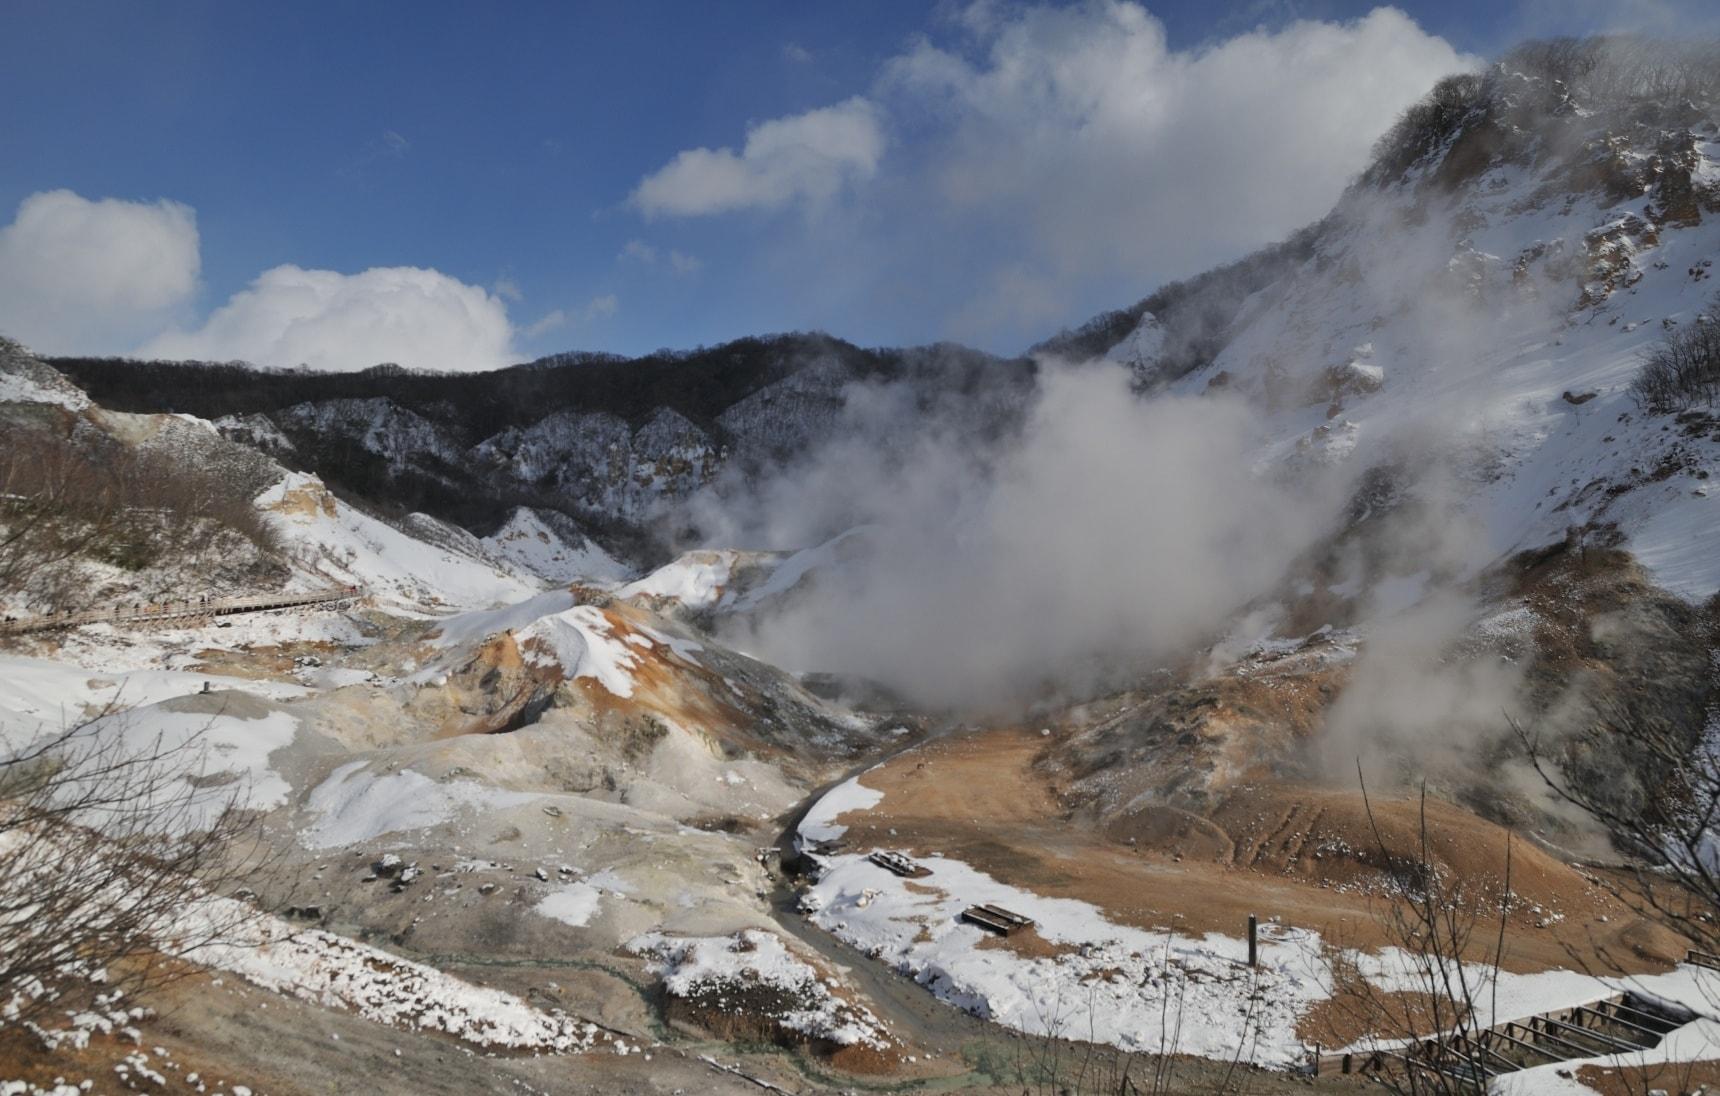 시코쓰토야 국립공원의 격정적이면서도 고요한 위엄